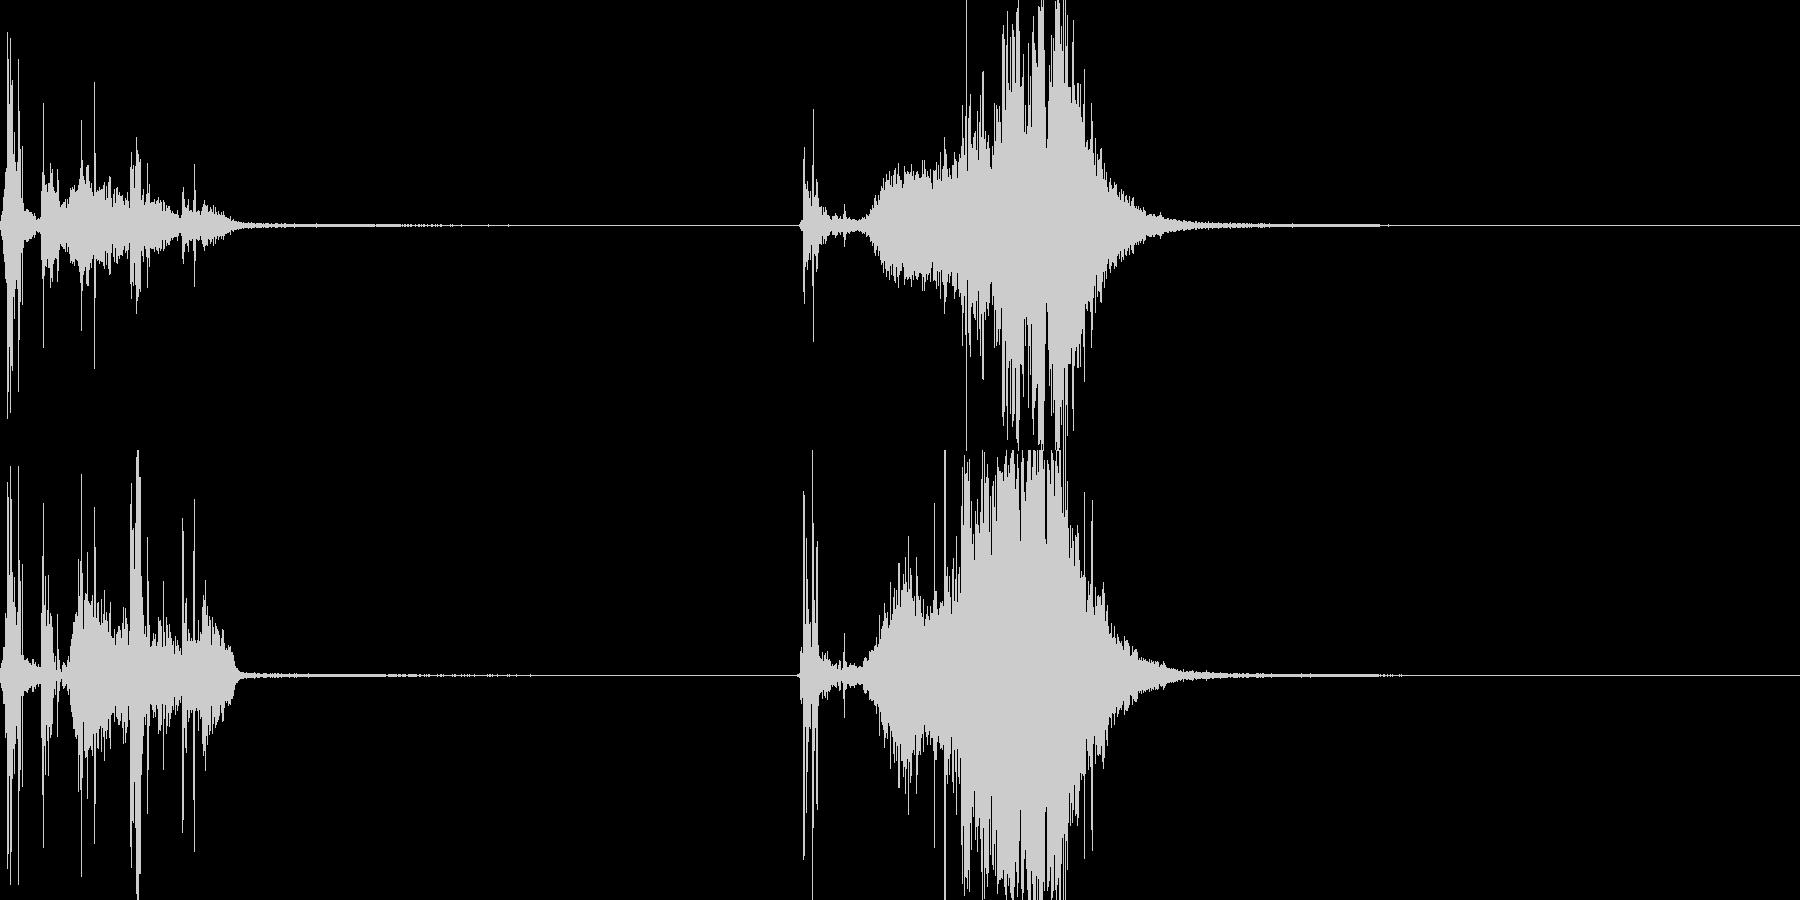 メジャー03(武器)の未再生の波形